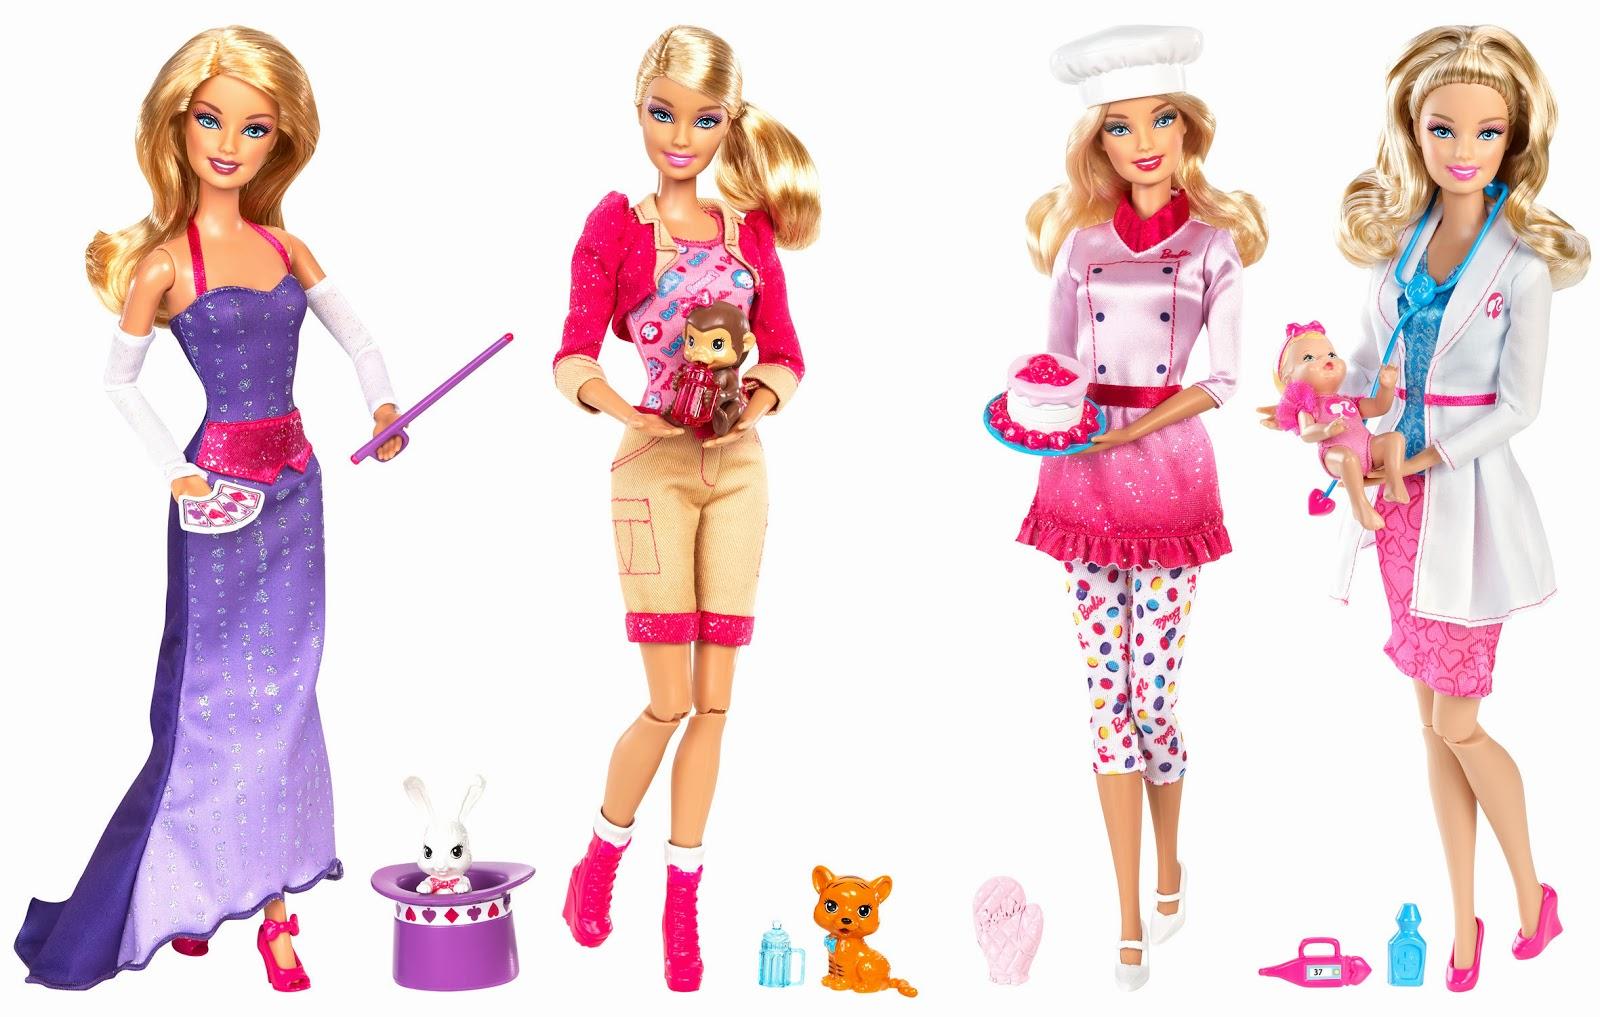 Accadde oggi il 9 marzo del 1959 debutta la famosa for Bambole barbie